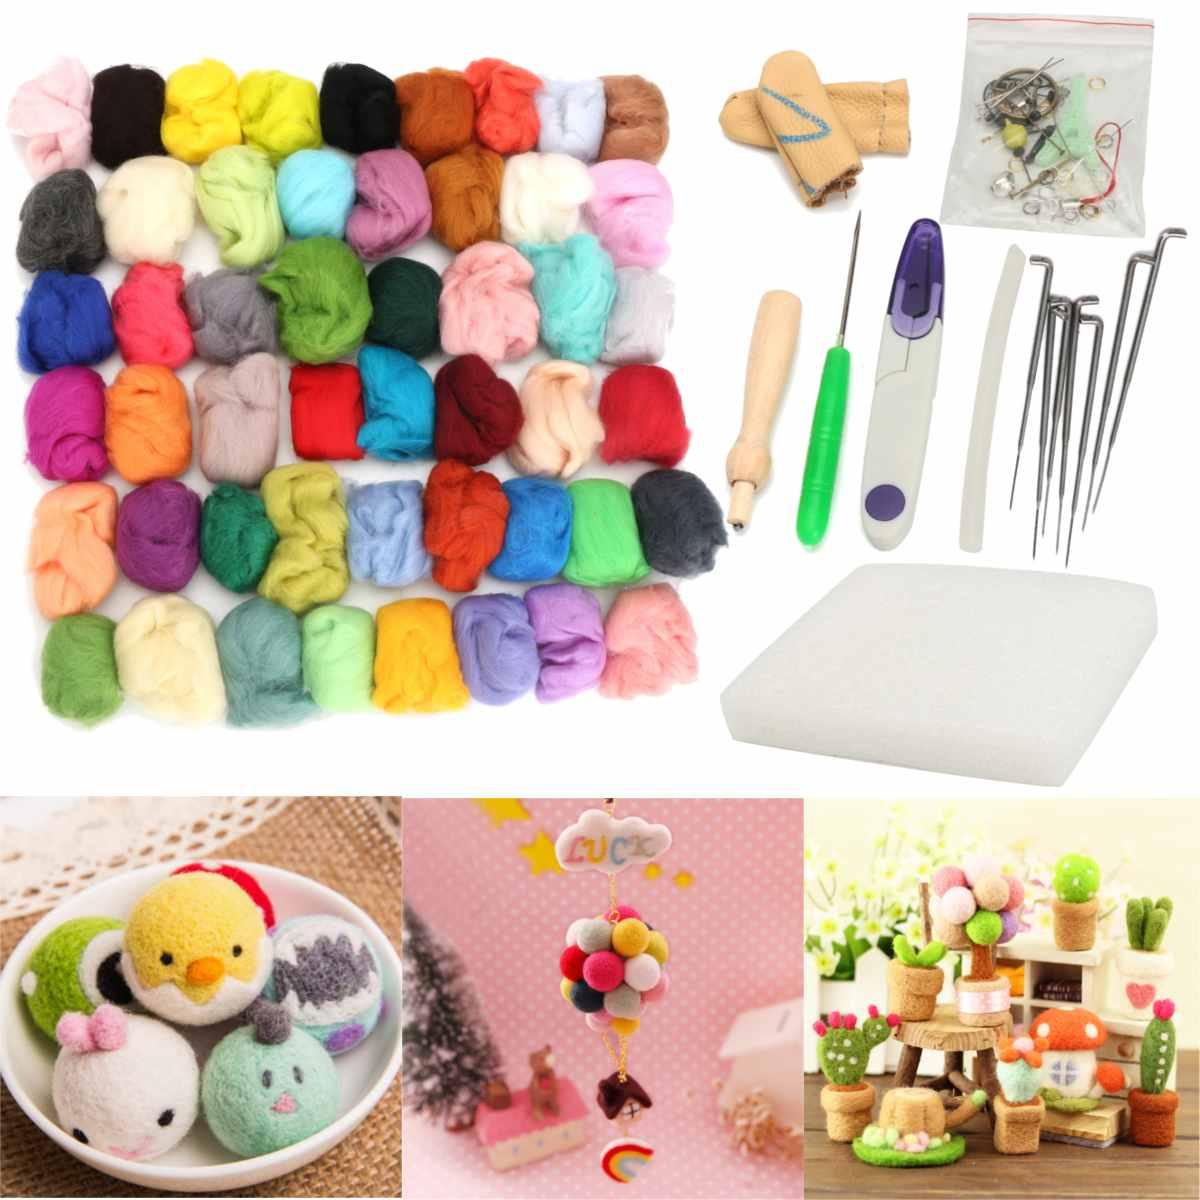 Bolsa organizadora para Accesorios de Costura Roo Beauty Color Violeta para Tejer y Manualidades